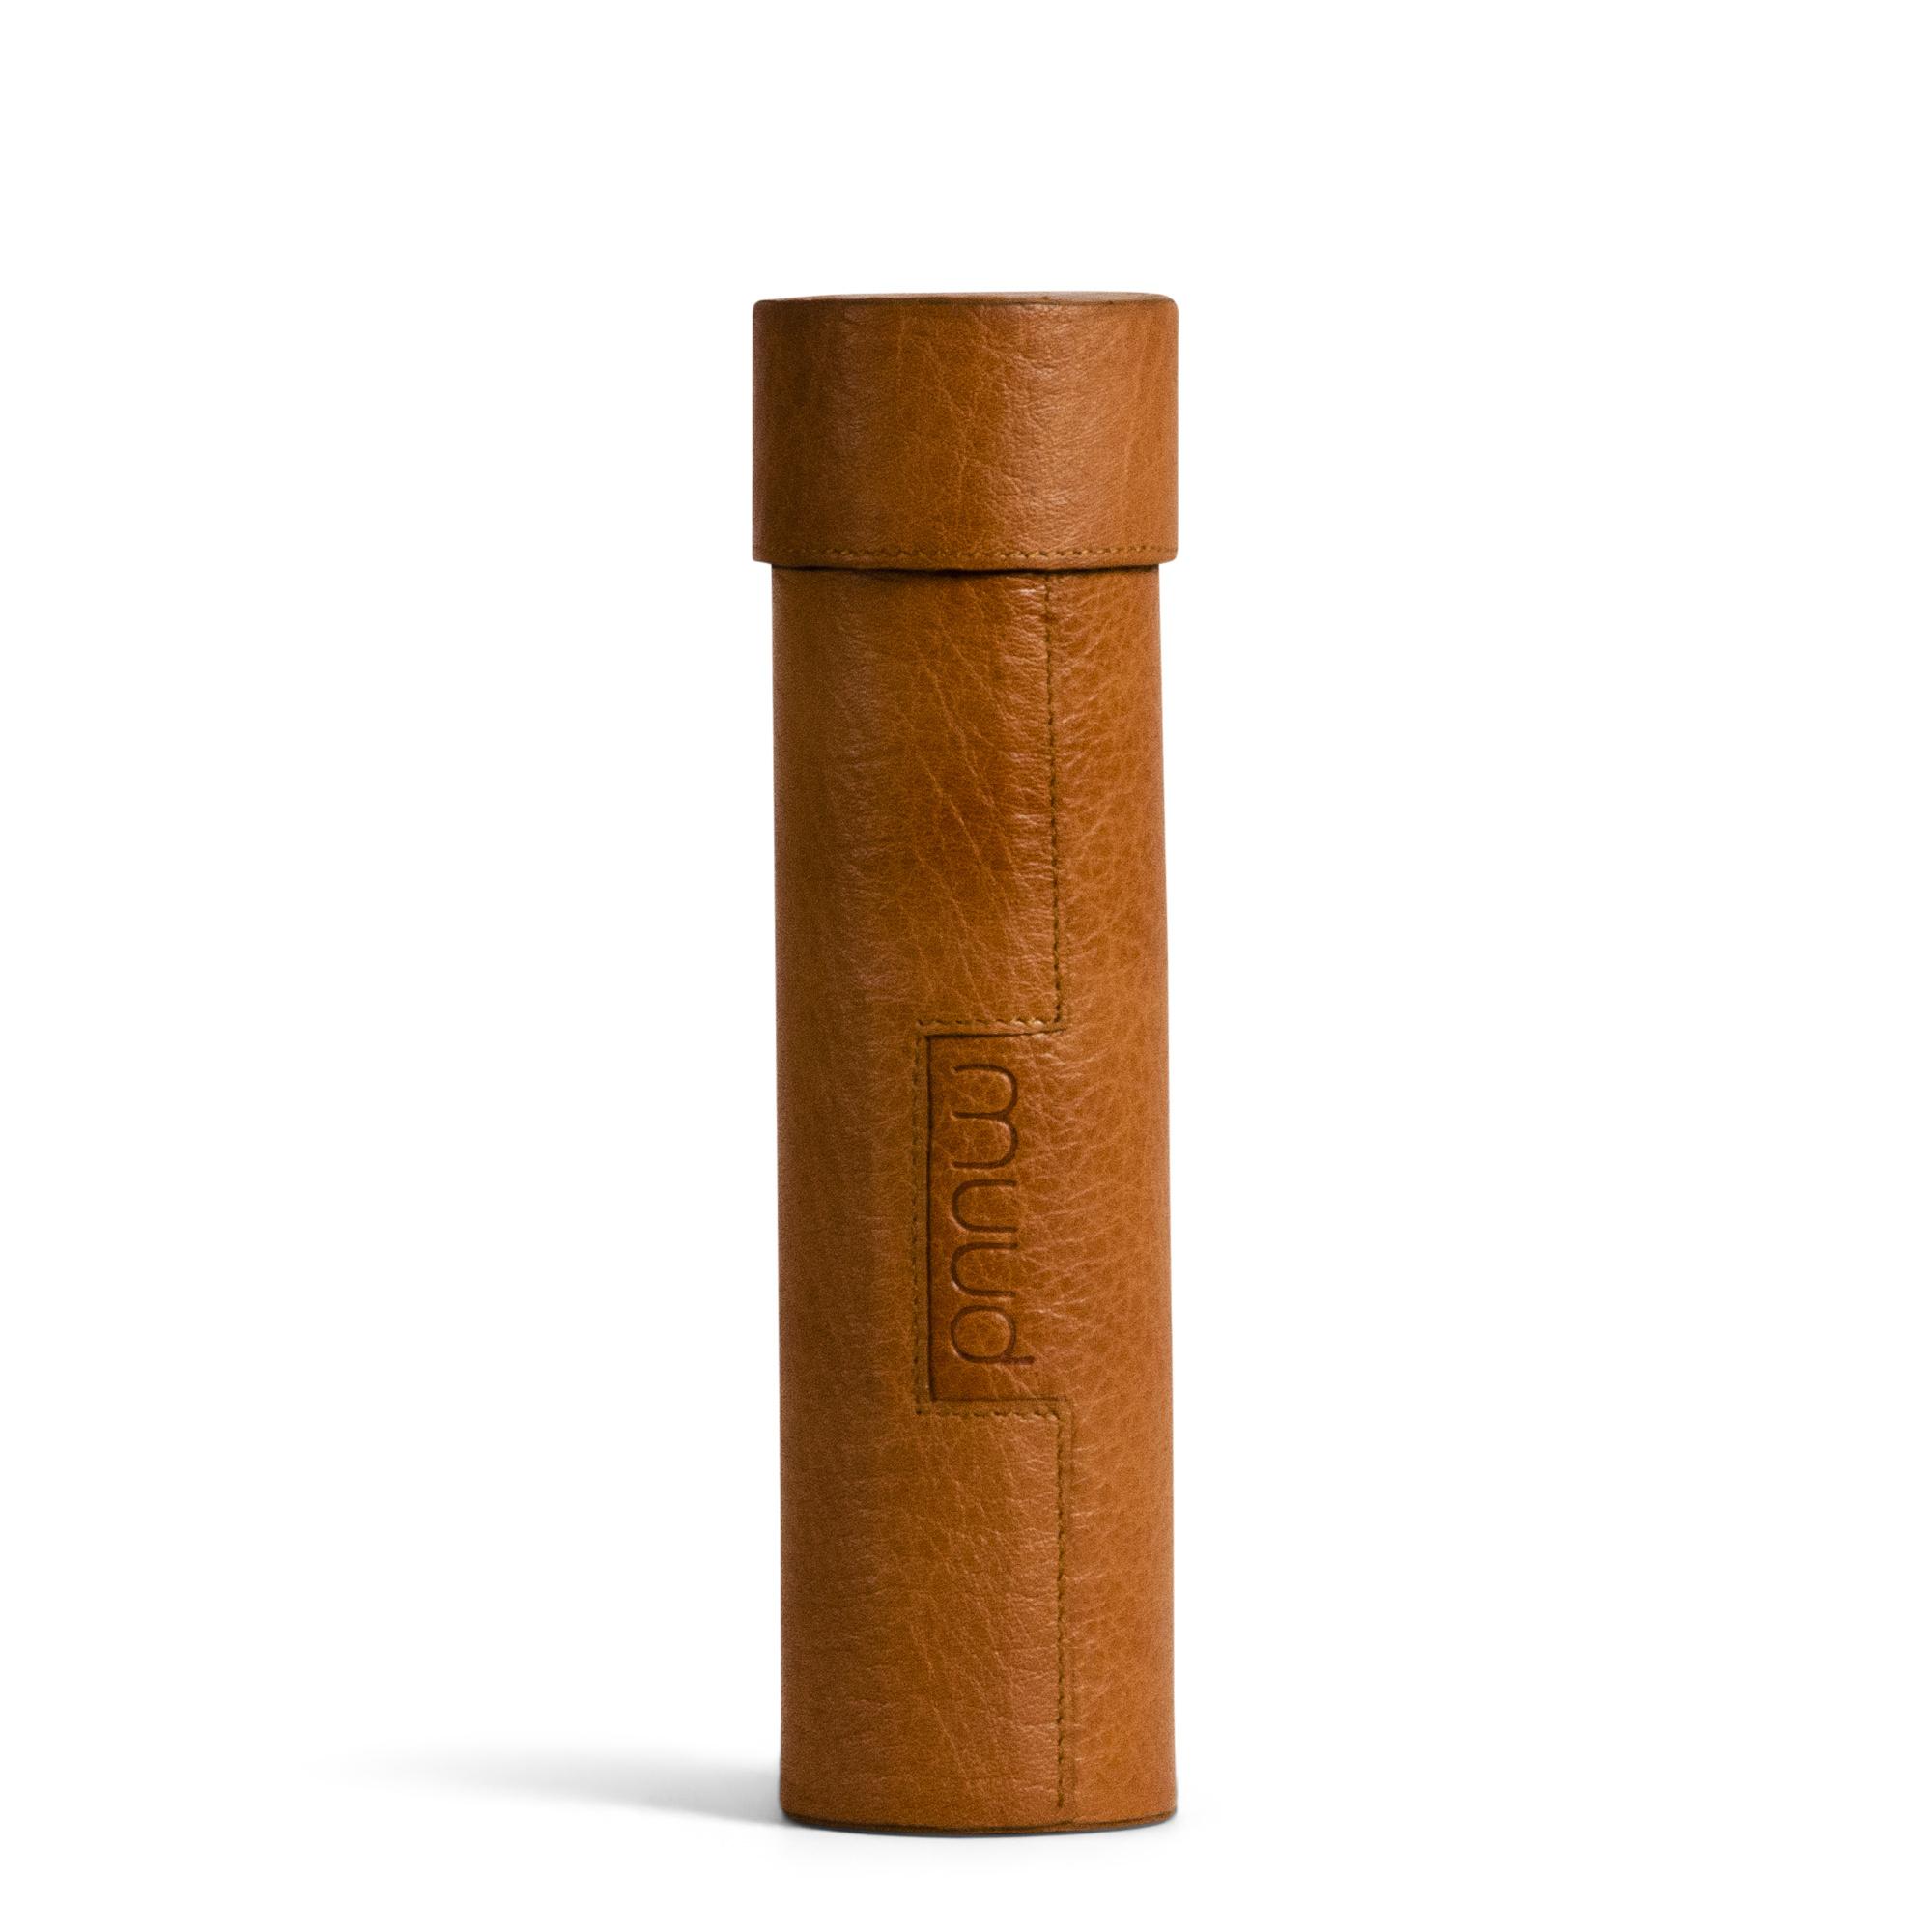 Muud Upsala - Handgefertigte Lederbox von muud